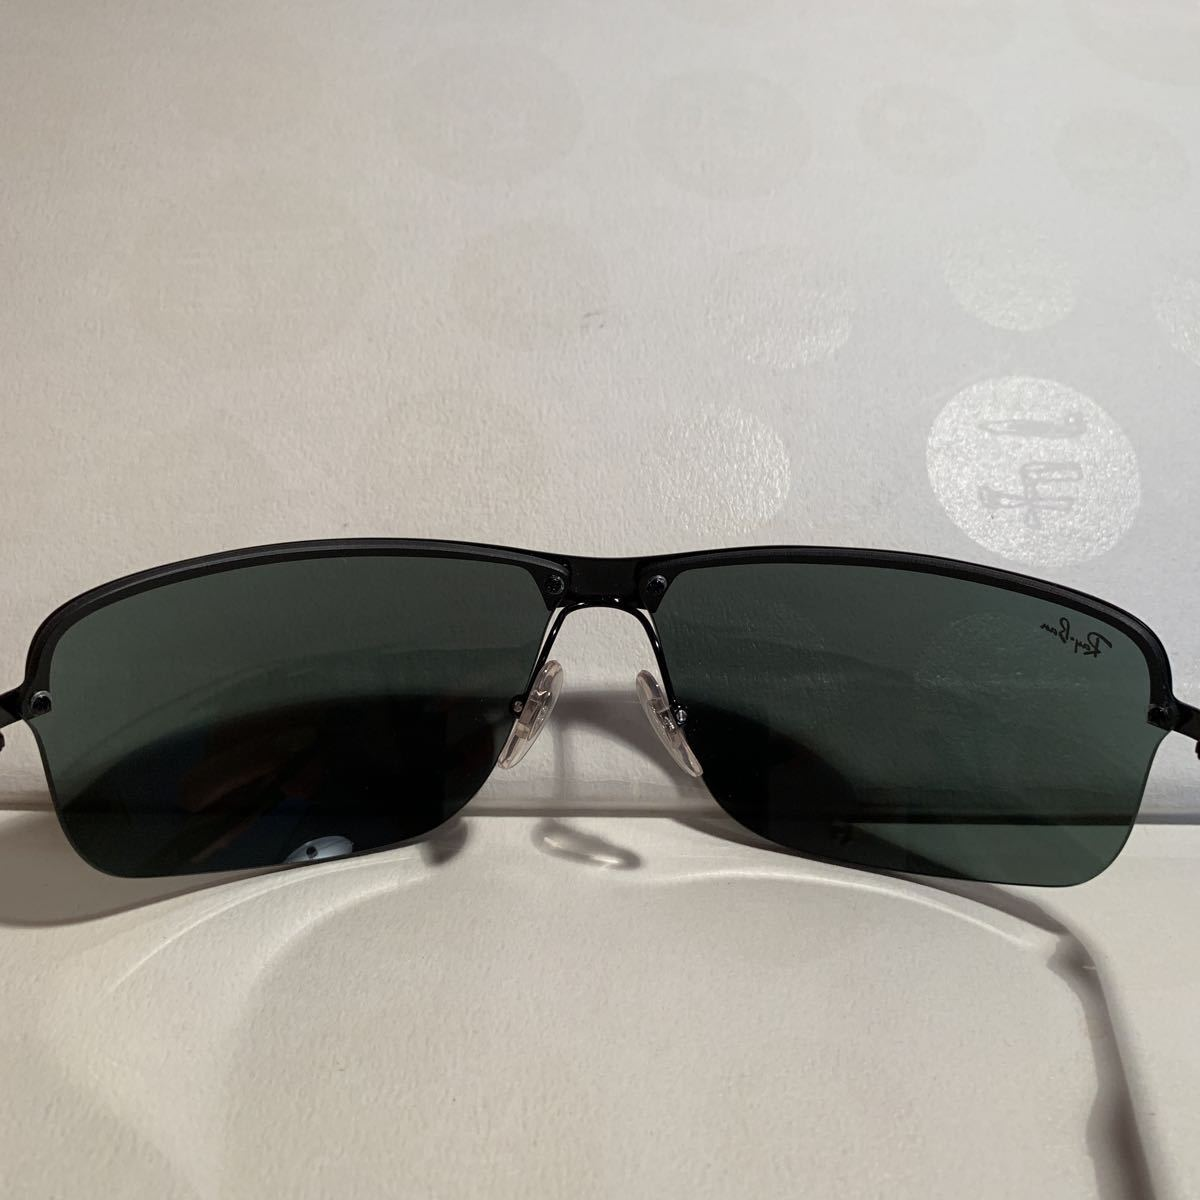 RayBanレイバン RB3510 002/71 65サイズ メンズ サングラス 眼鏡_画像8